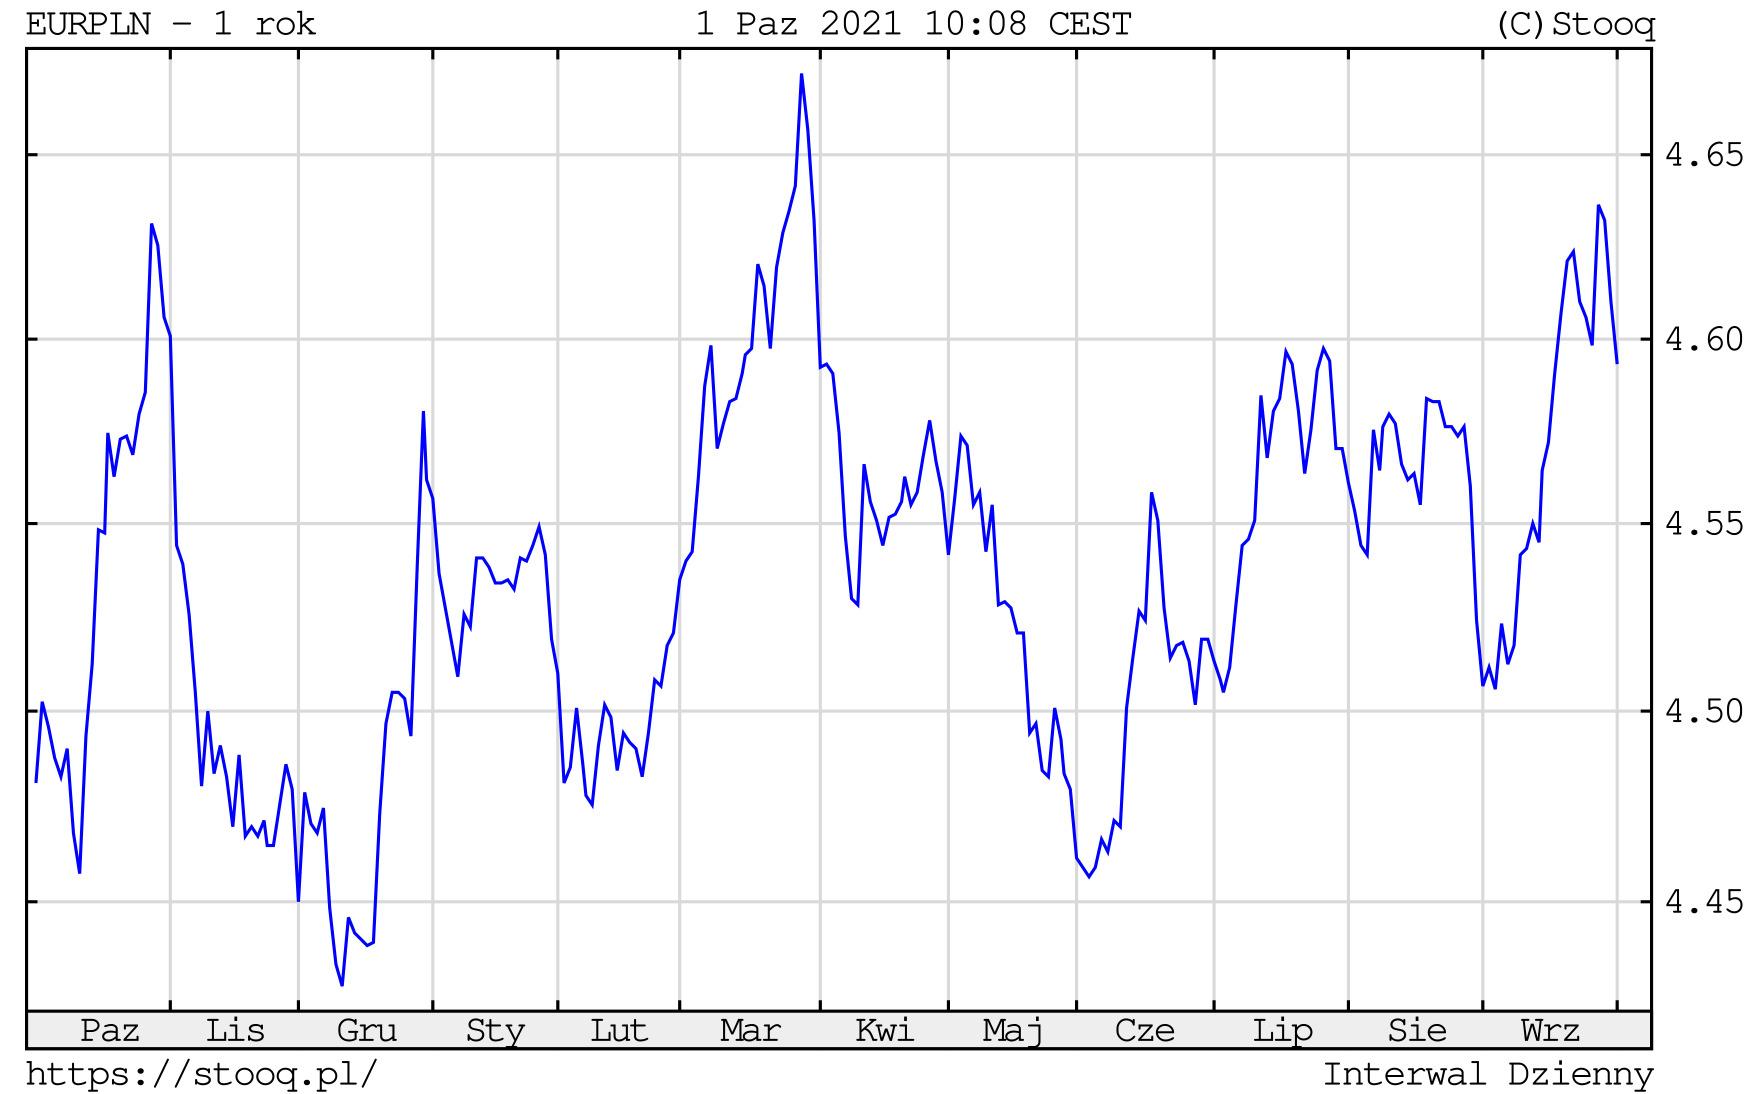 Kurs euro w piątek, 1 października 2021 roku. Notowania EURPLN na wykresie dziennym